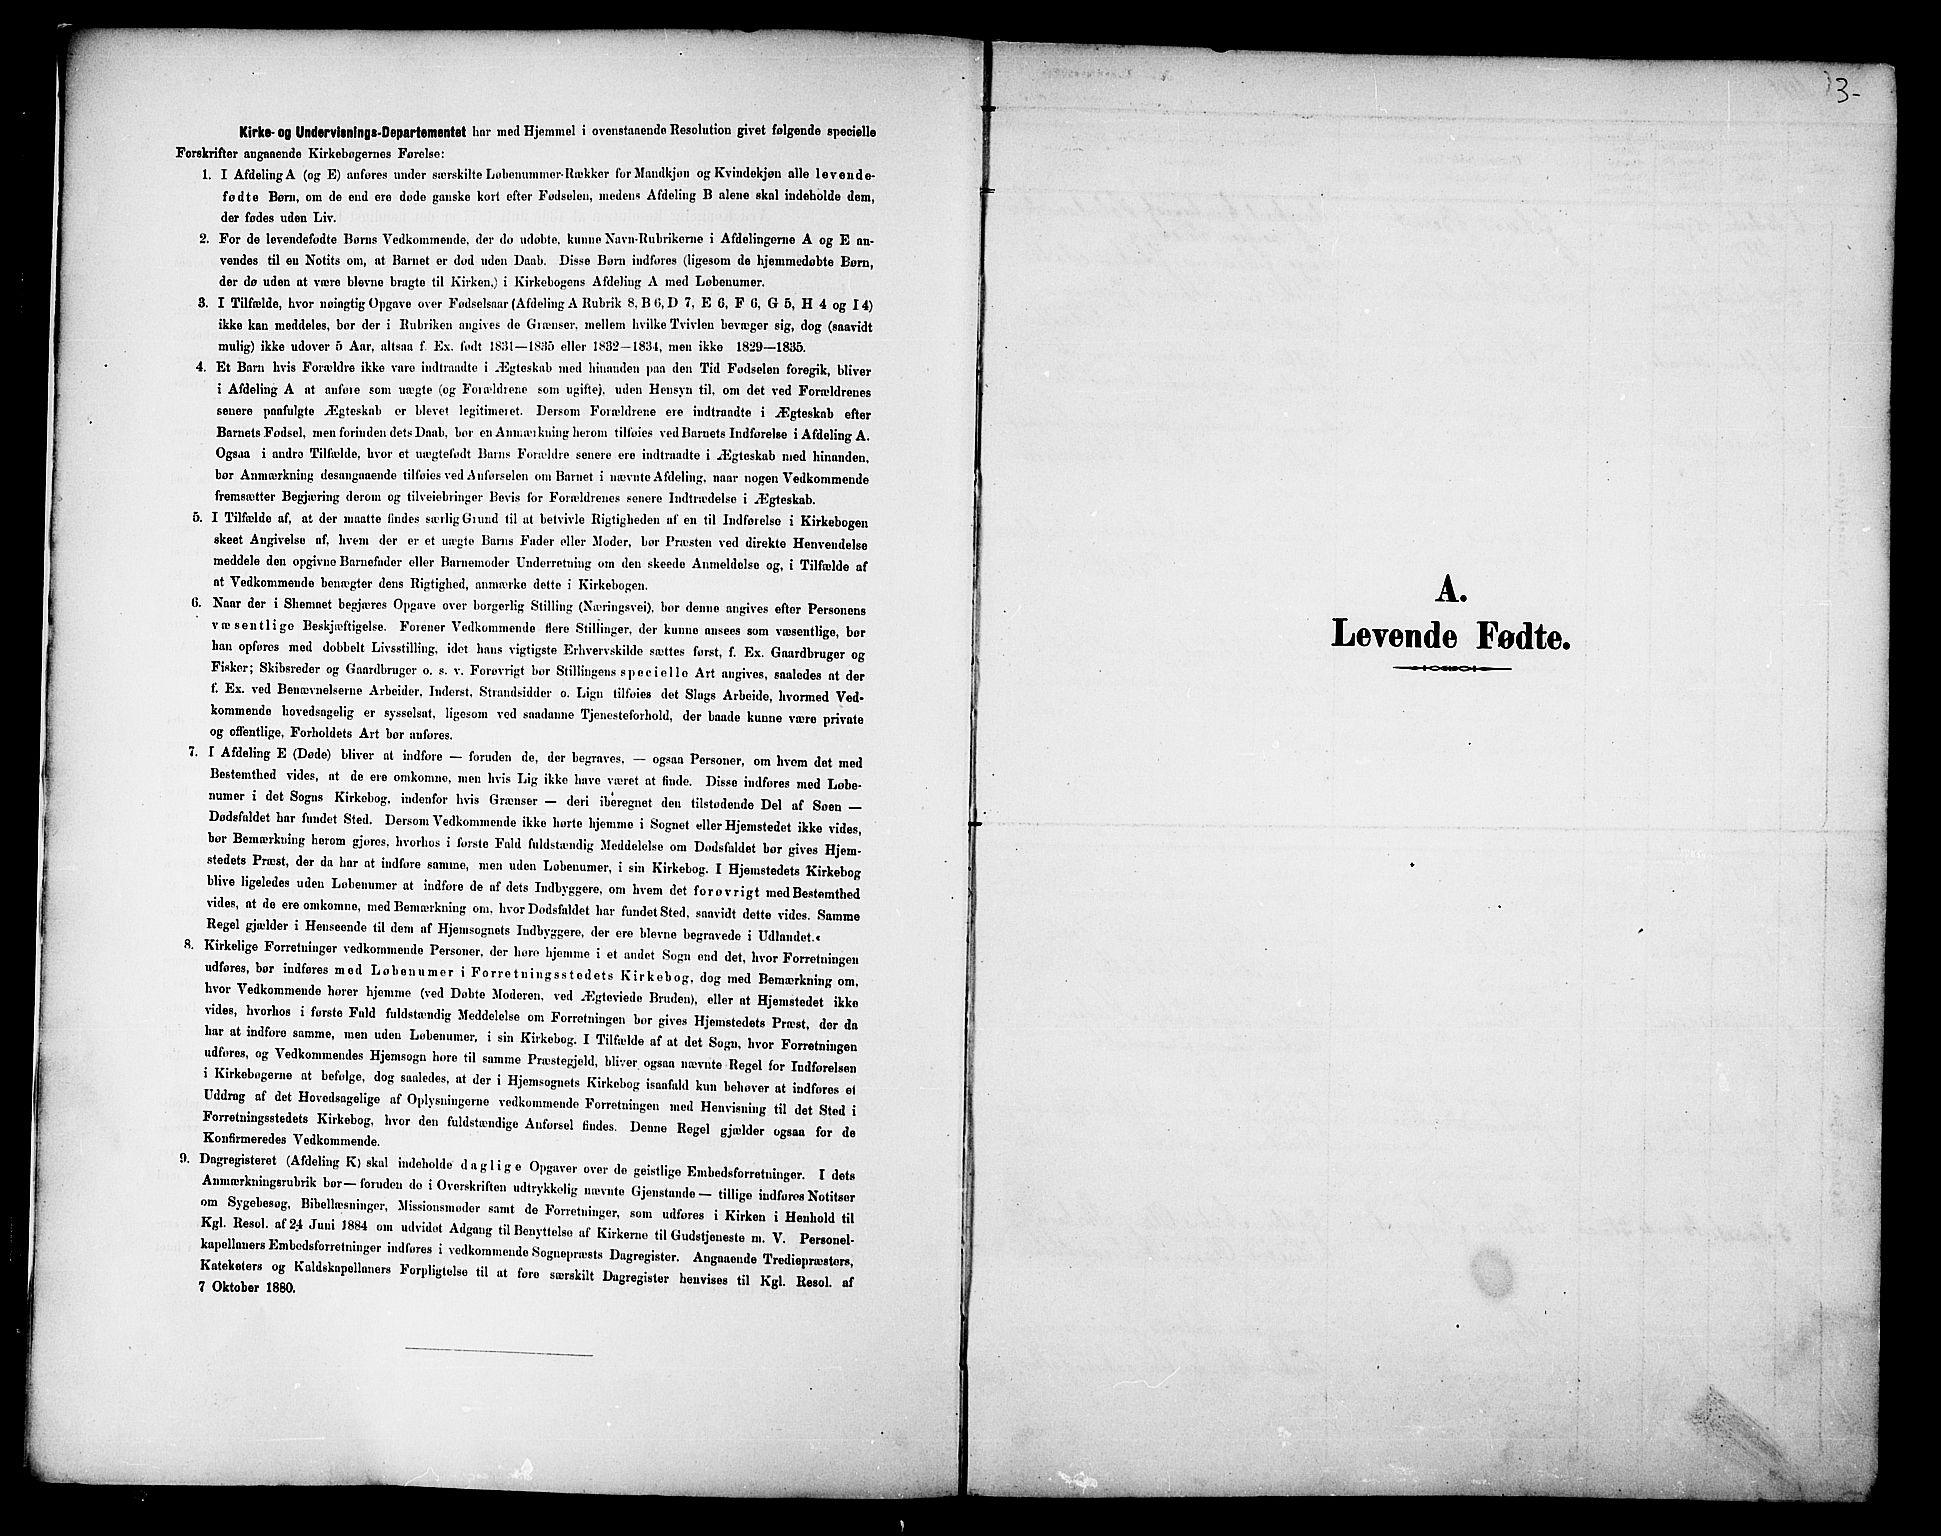 SAT, Ministerialprotokoller, klokkerbøker og fødselsregistre - Nord-Trøndelag, 733/L0327: Klokkerbok nr. 733C02, 1888-1918, s. 3